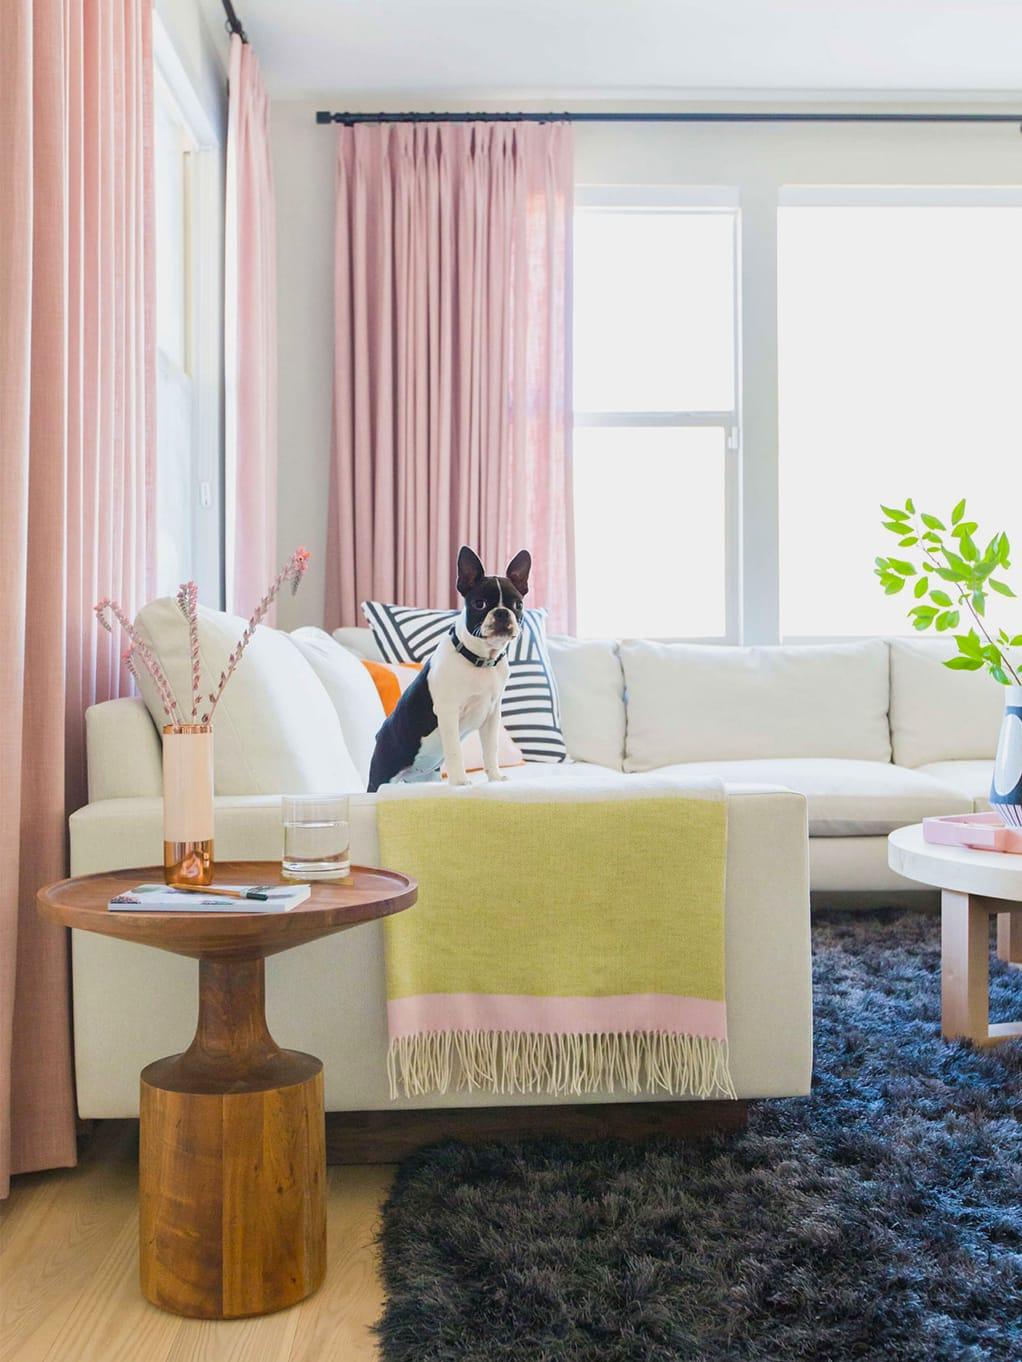 Photo courtesy of Tessa Neustadt for Emily Henderson Design.